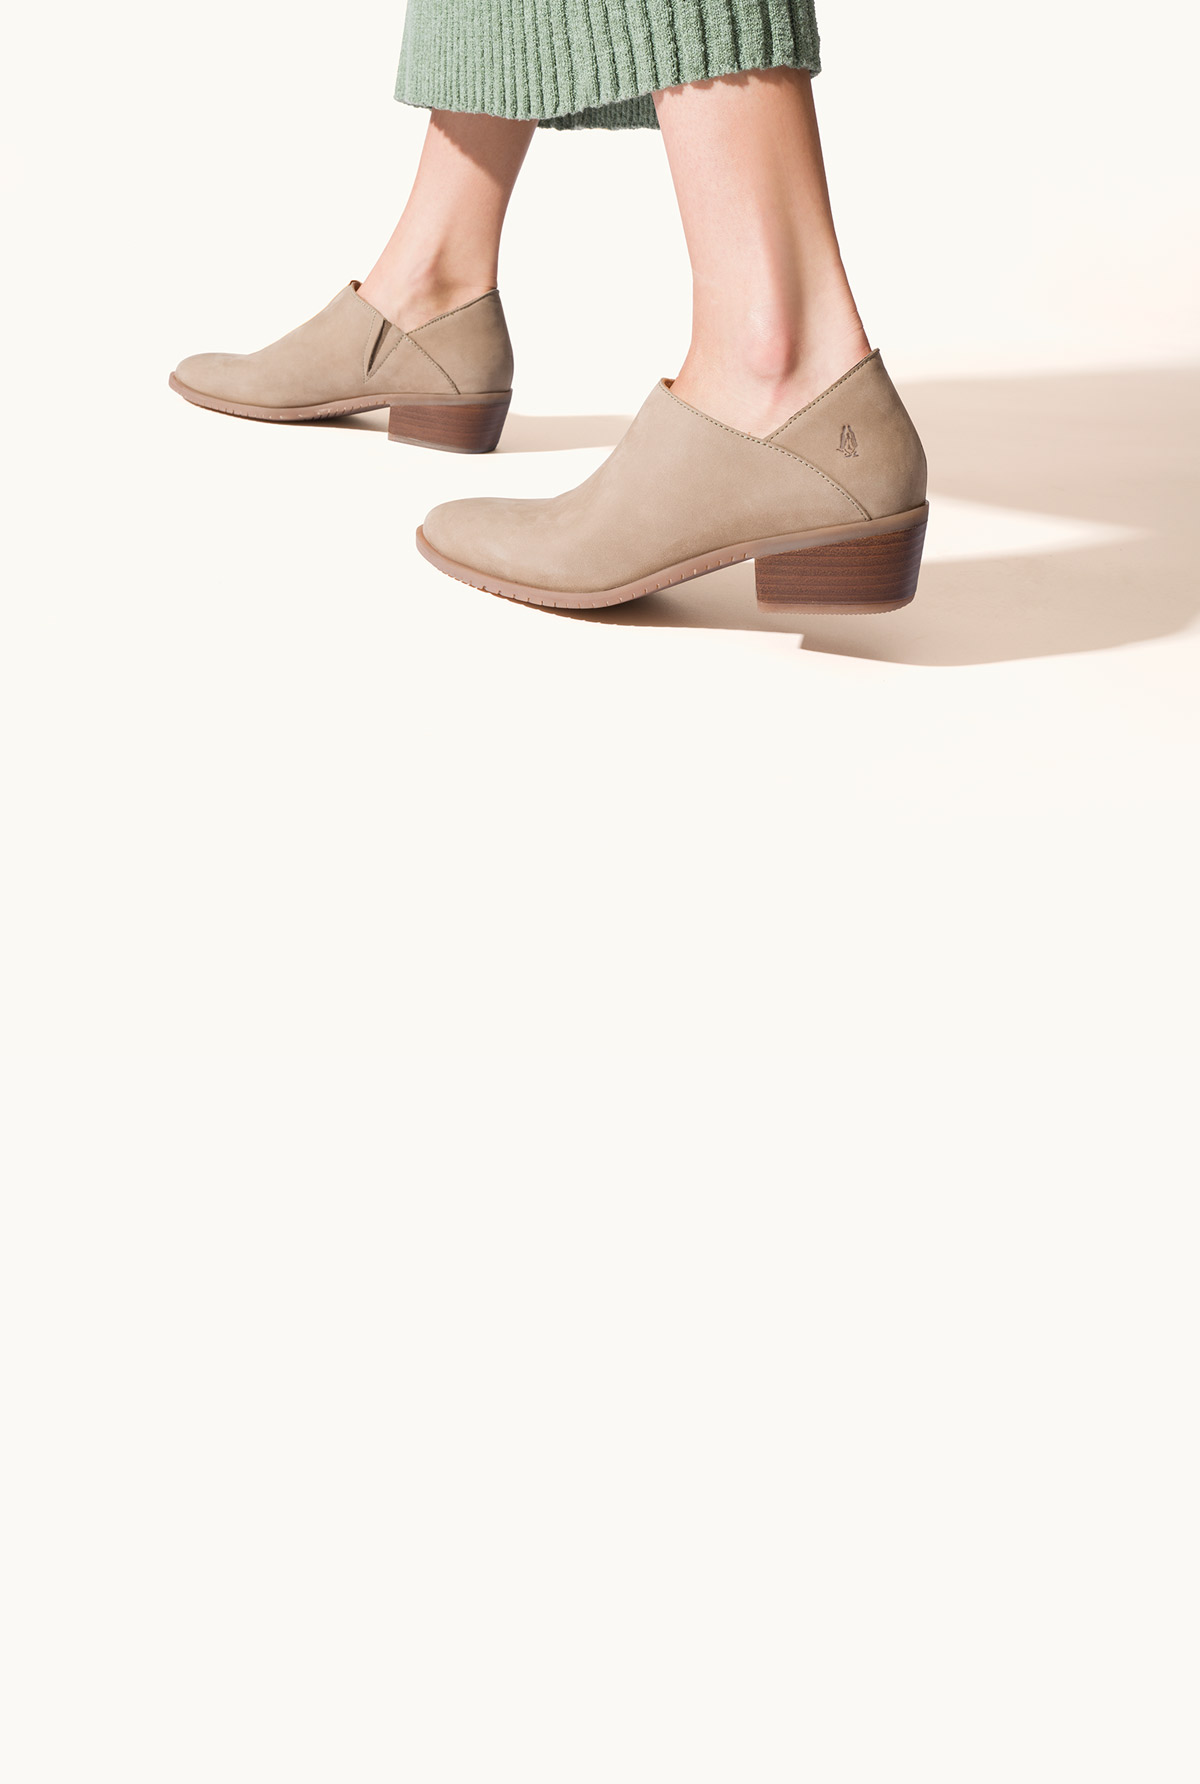 Sienna Shootie Women's Boots.